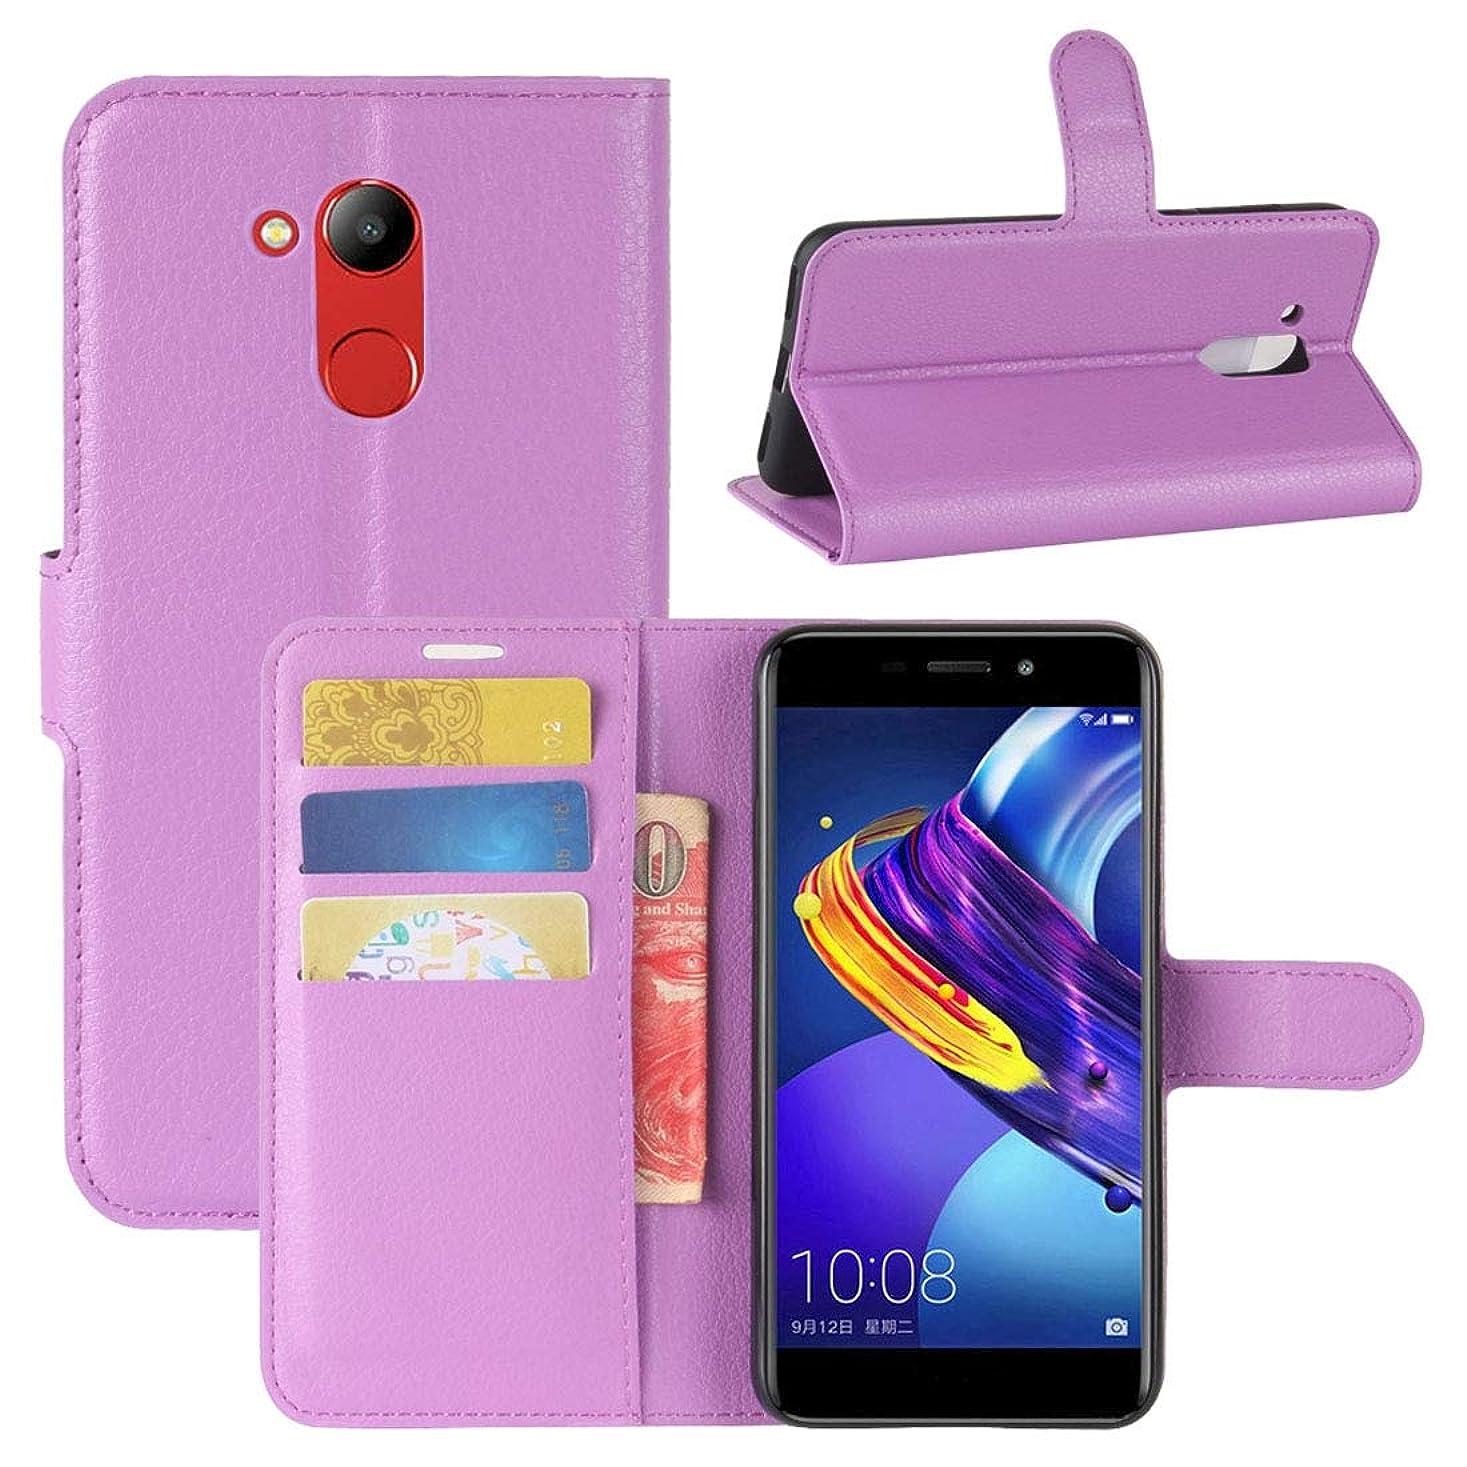 手数料抹消引っ張るWTYD 電話アクセサリー Huawei Honor V9 Play レイシ·テクスチャPU TPUホルダー&カード·スロット&ウォレット付き水平フリップ·レザー·ケース 電話使用 (Color : 紫の)